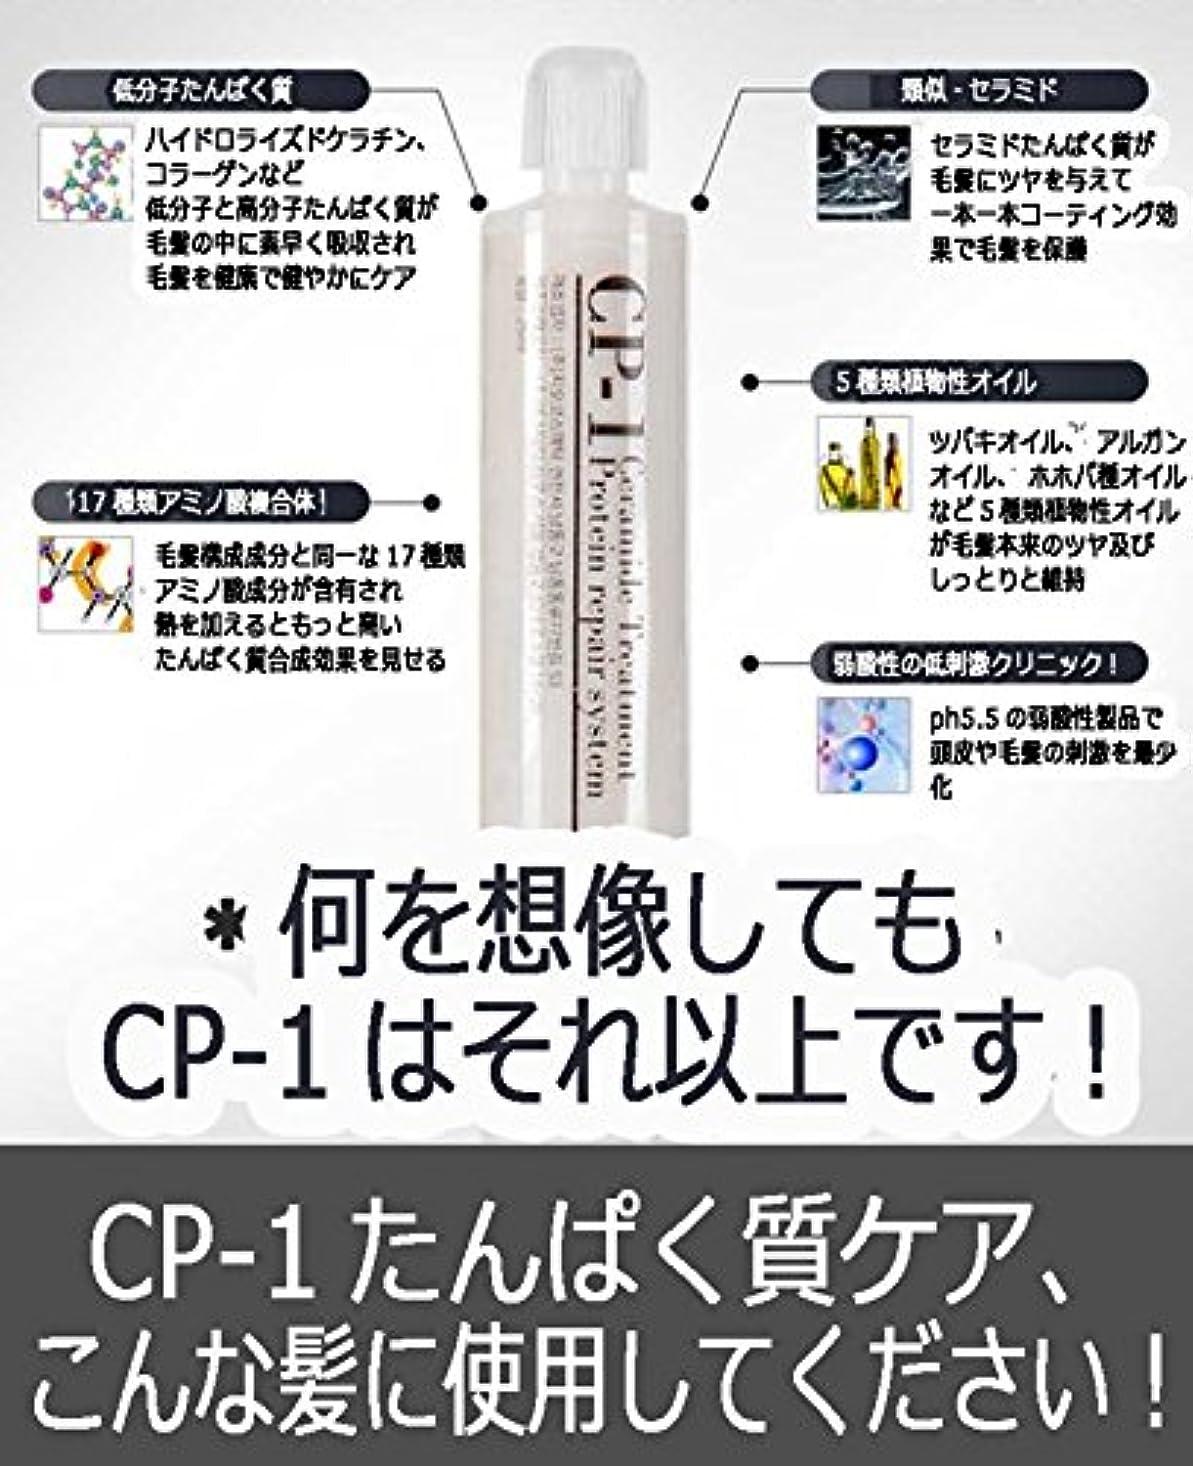 有毒愛人目立つ[CP-1 Protein 10pcs タンパク質&セラミド] ヘア?デザイナーが先ずお勧めするタンパク質クリニック!家で簡単タンパク質の施術で、高度なサロンケアを体験!【10個入り】